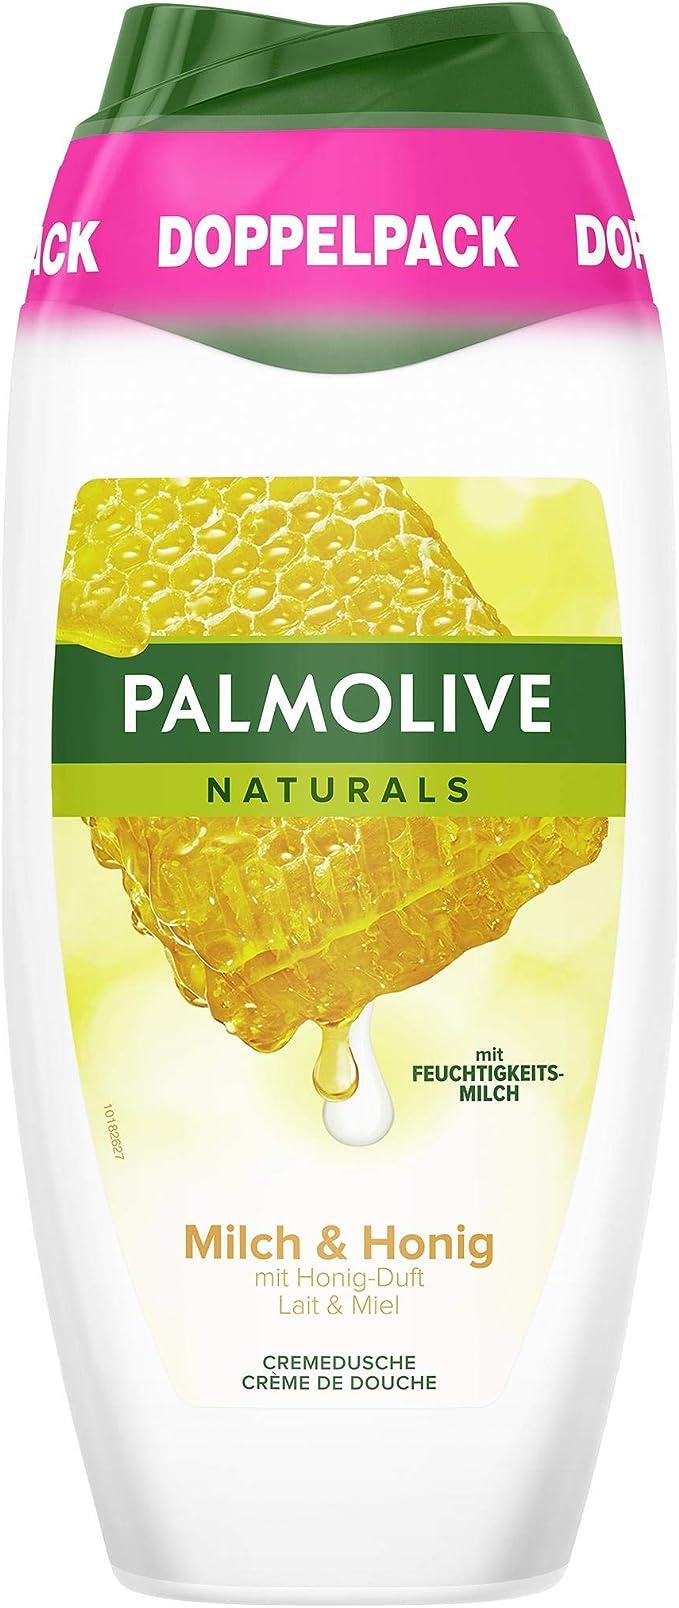 Palmolive Naturals Gel de Ducha Leche & Miel, pack doble, 2 x 250 ml: Amazon.es: Belleza